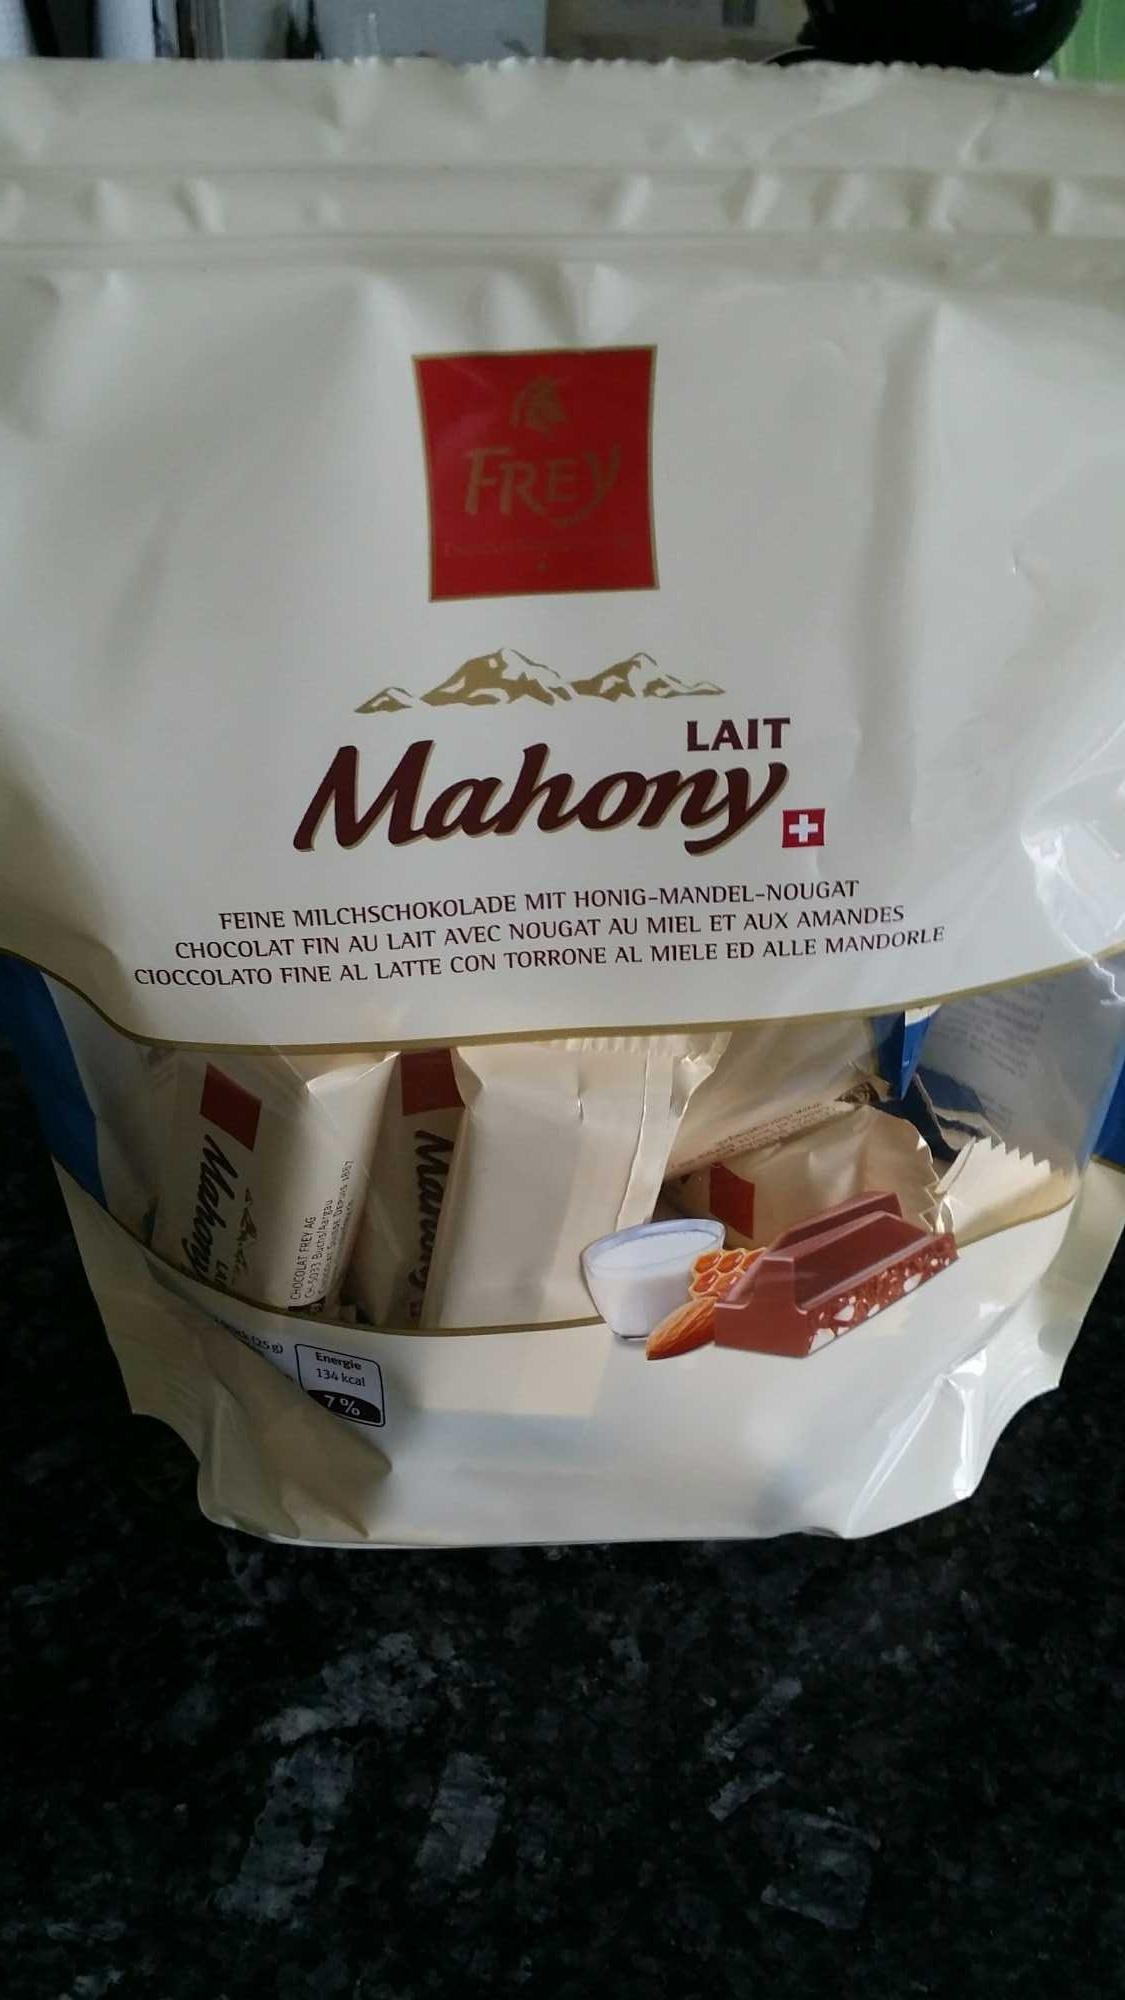 Mahony chocolat fin au lait avec nougat, miel, amandes - Product